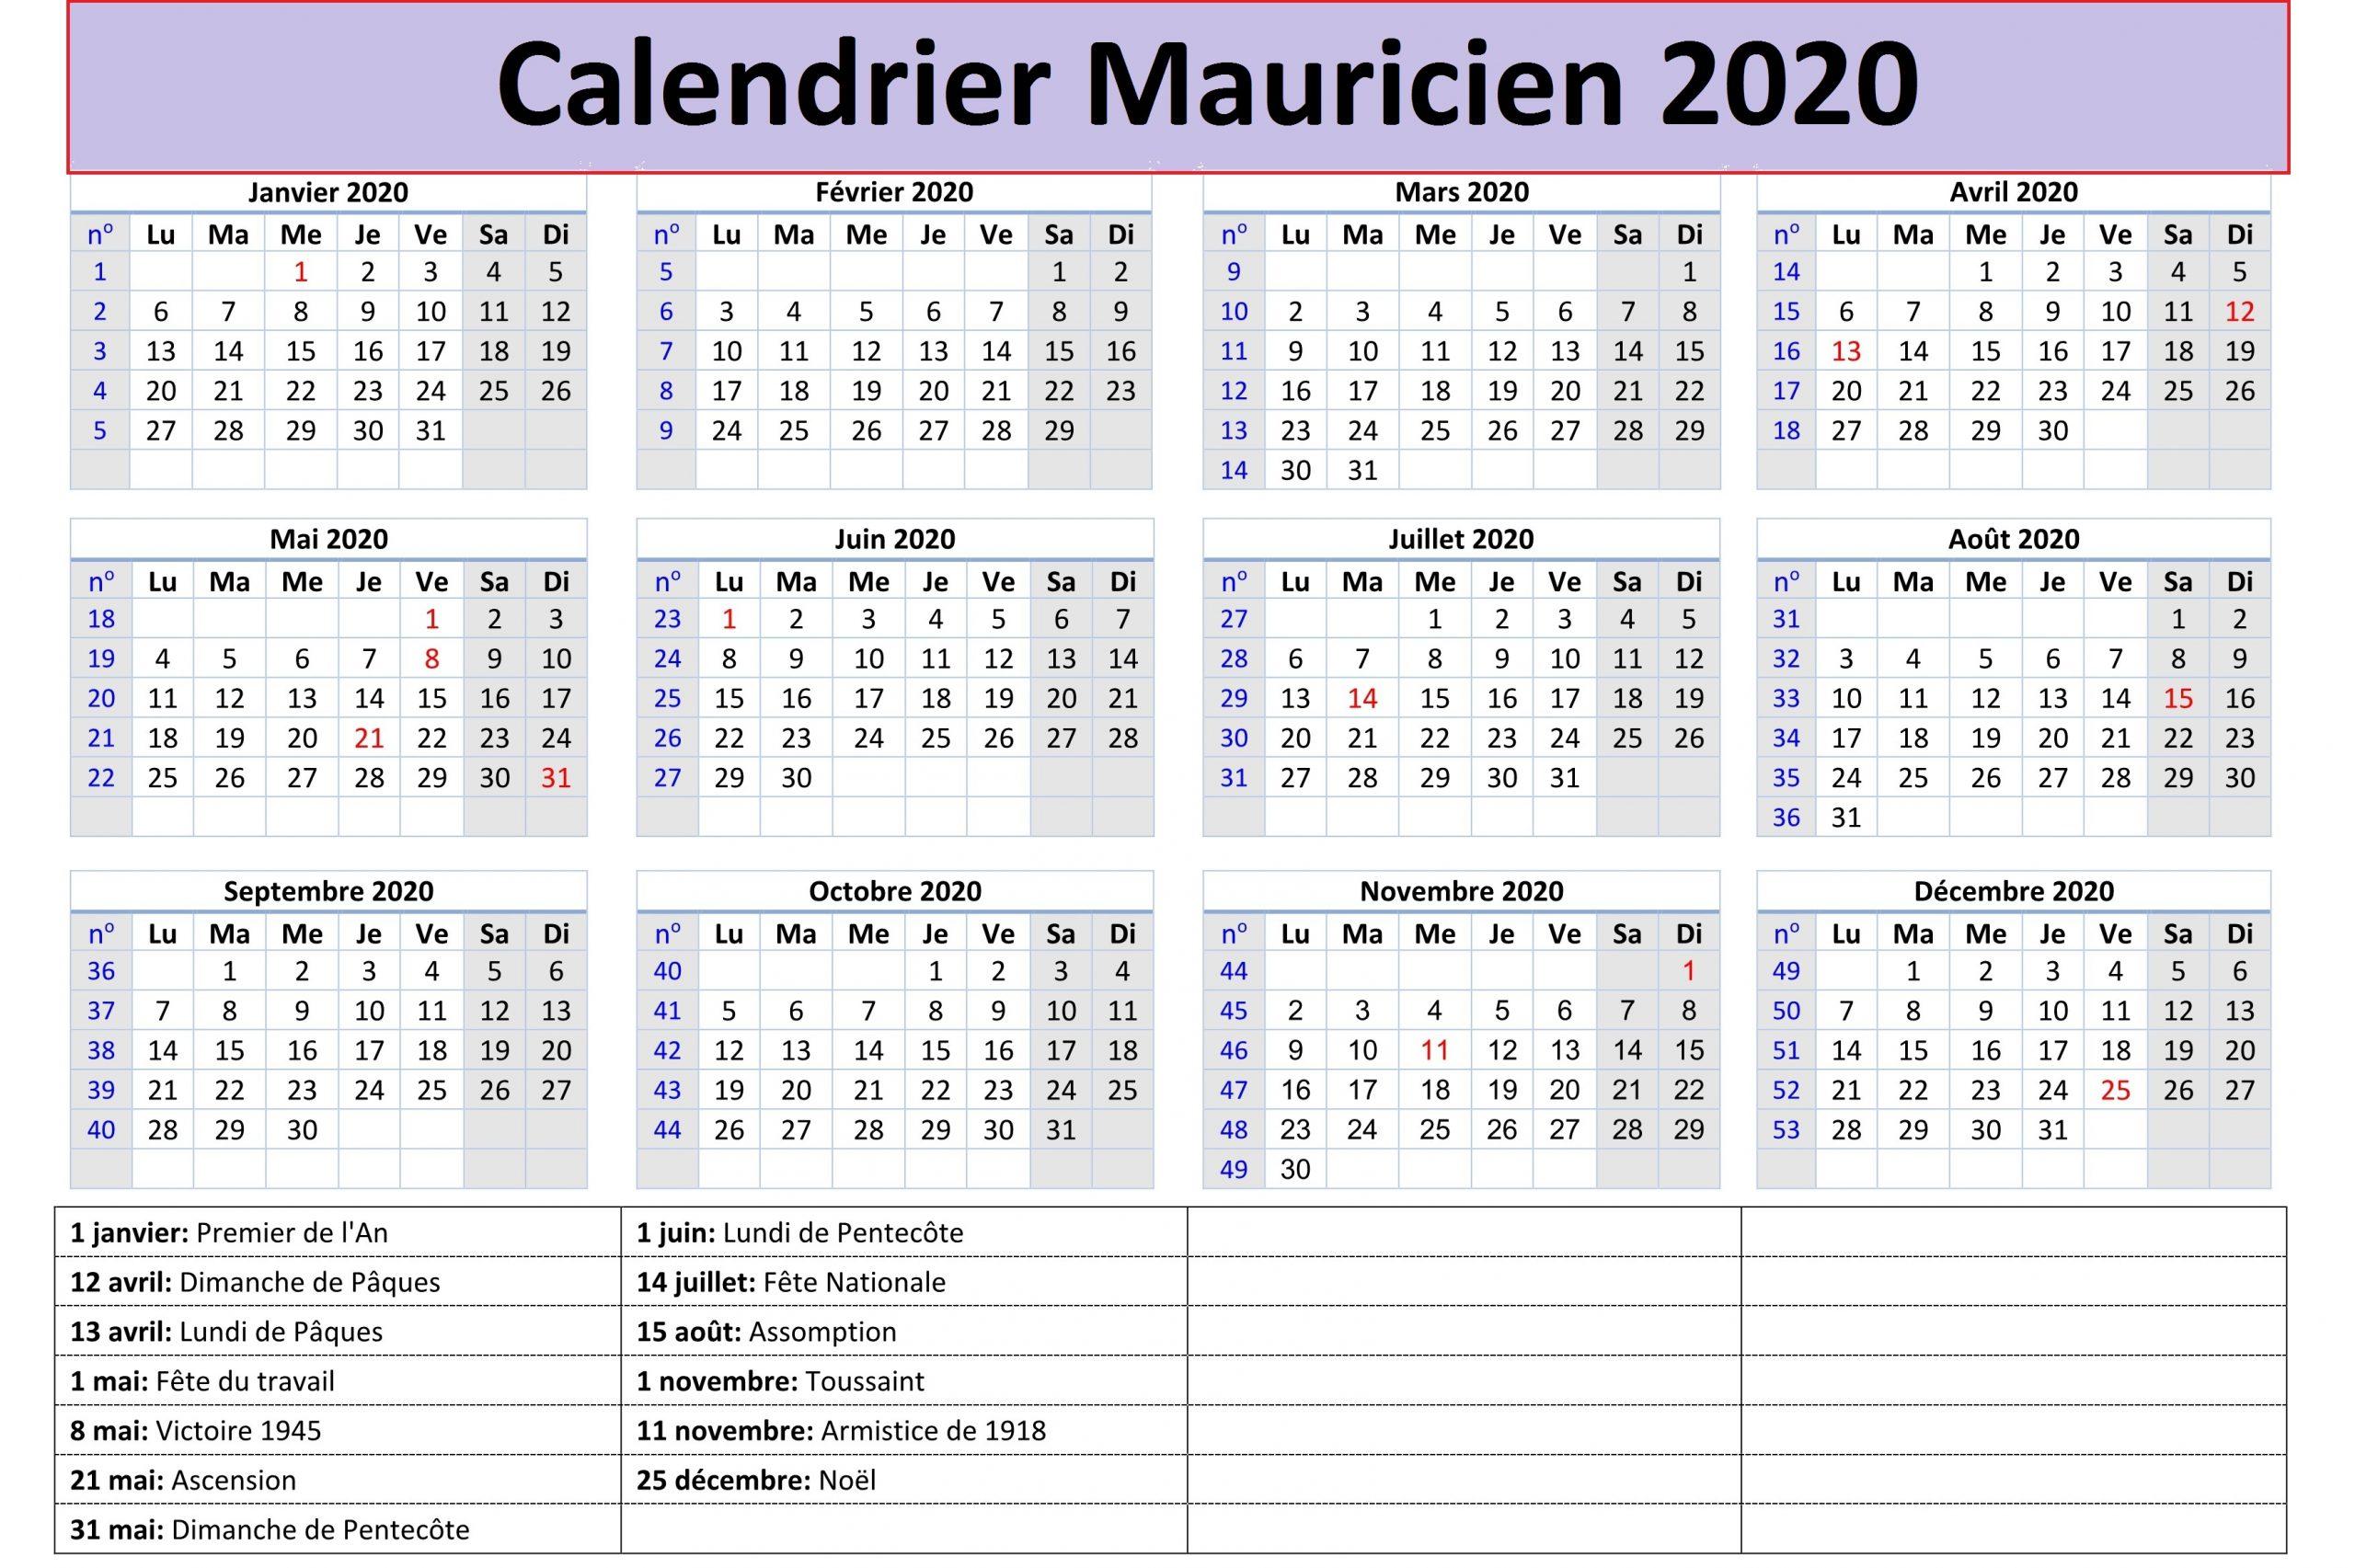 Tourisme Mauricie Calendrier Des Evenements